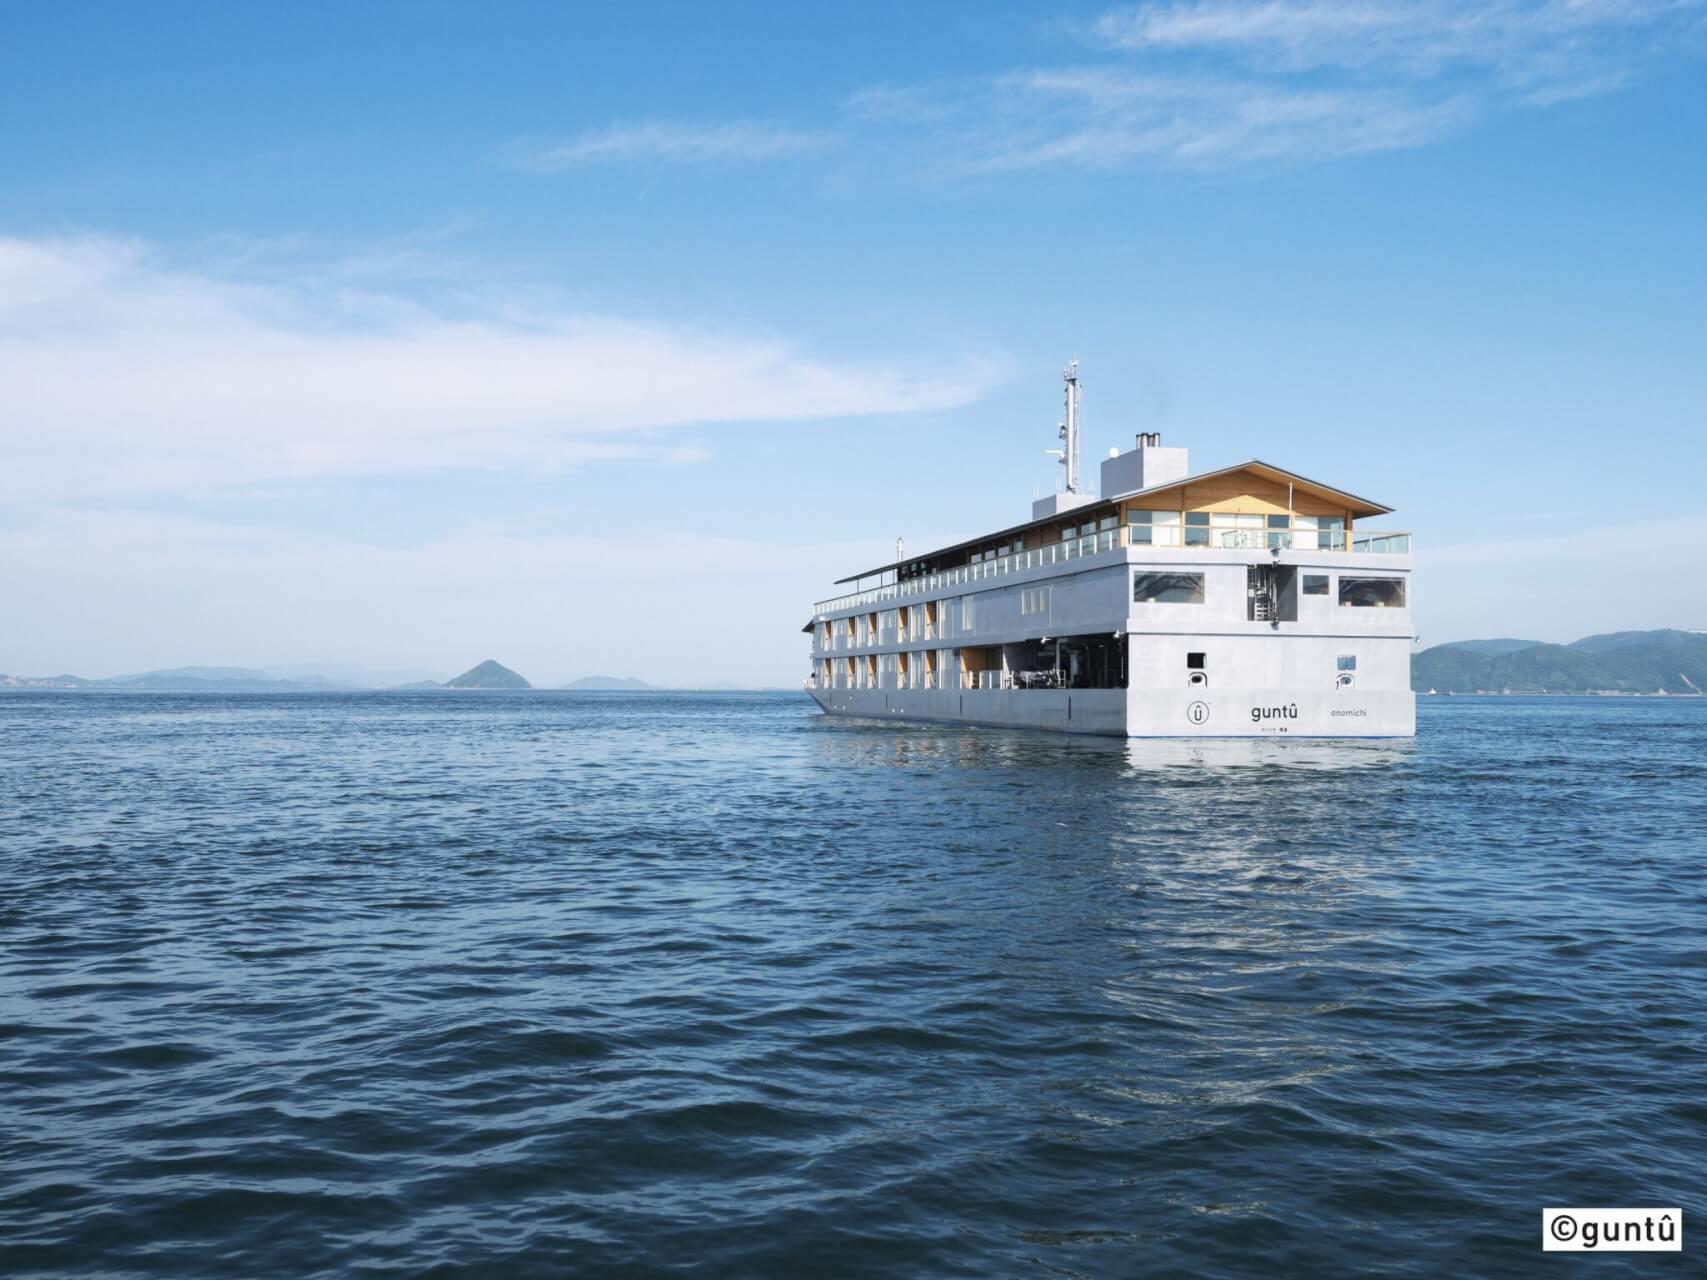 【国内・四国】 道後温泉ふなや宿泊 村上水軍ゆかりの能島 美しい瀬戸内海を巡るガンツウの船旅